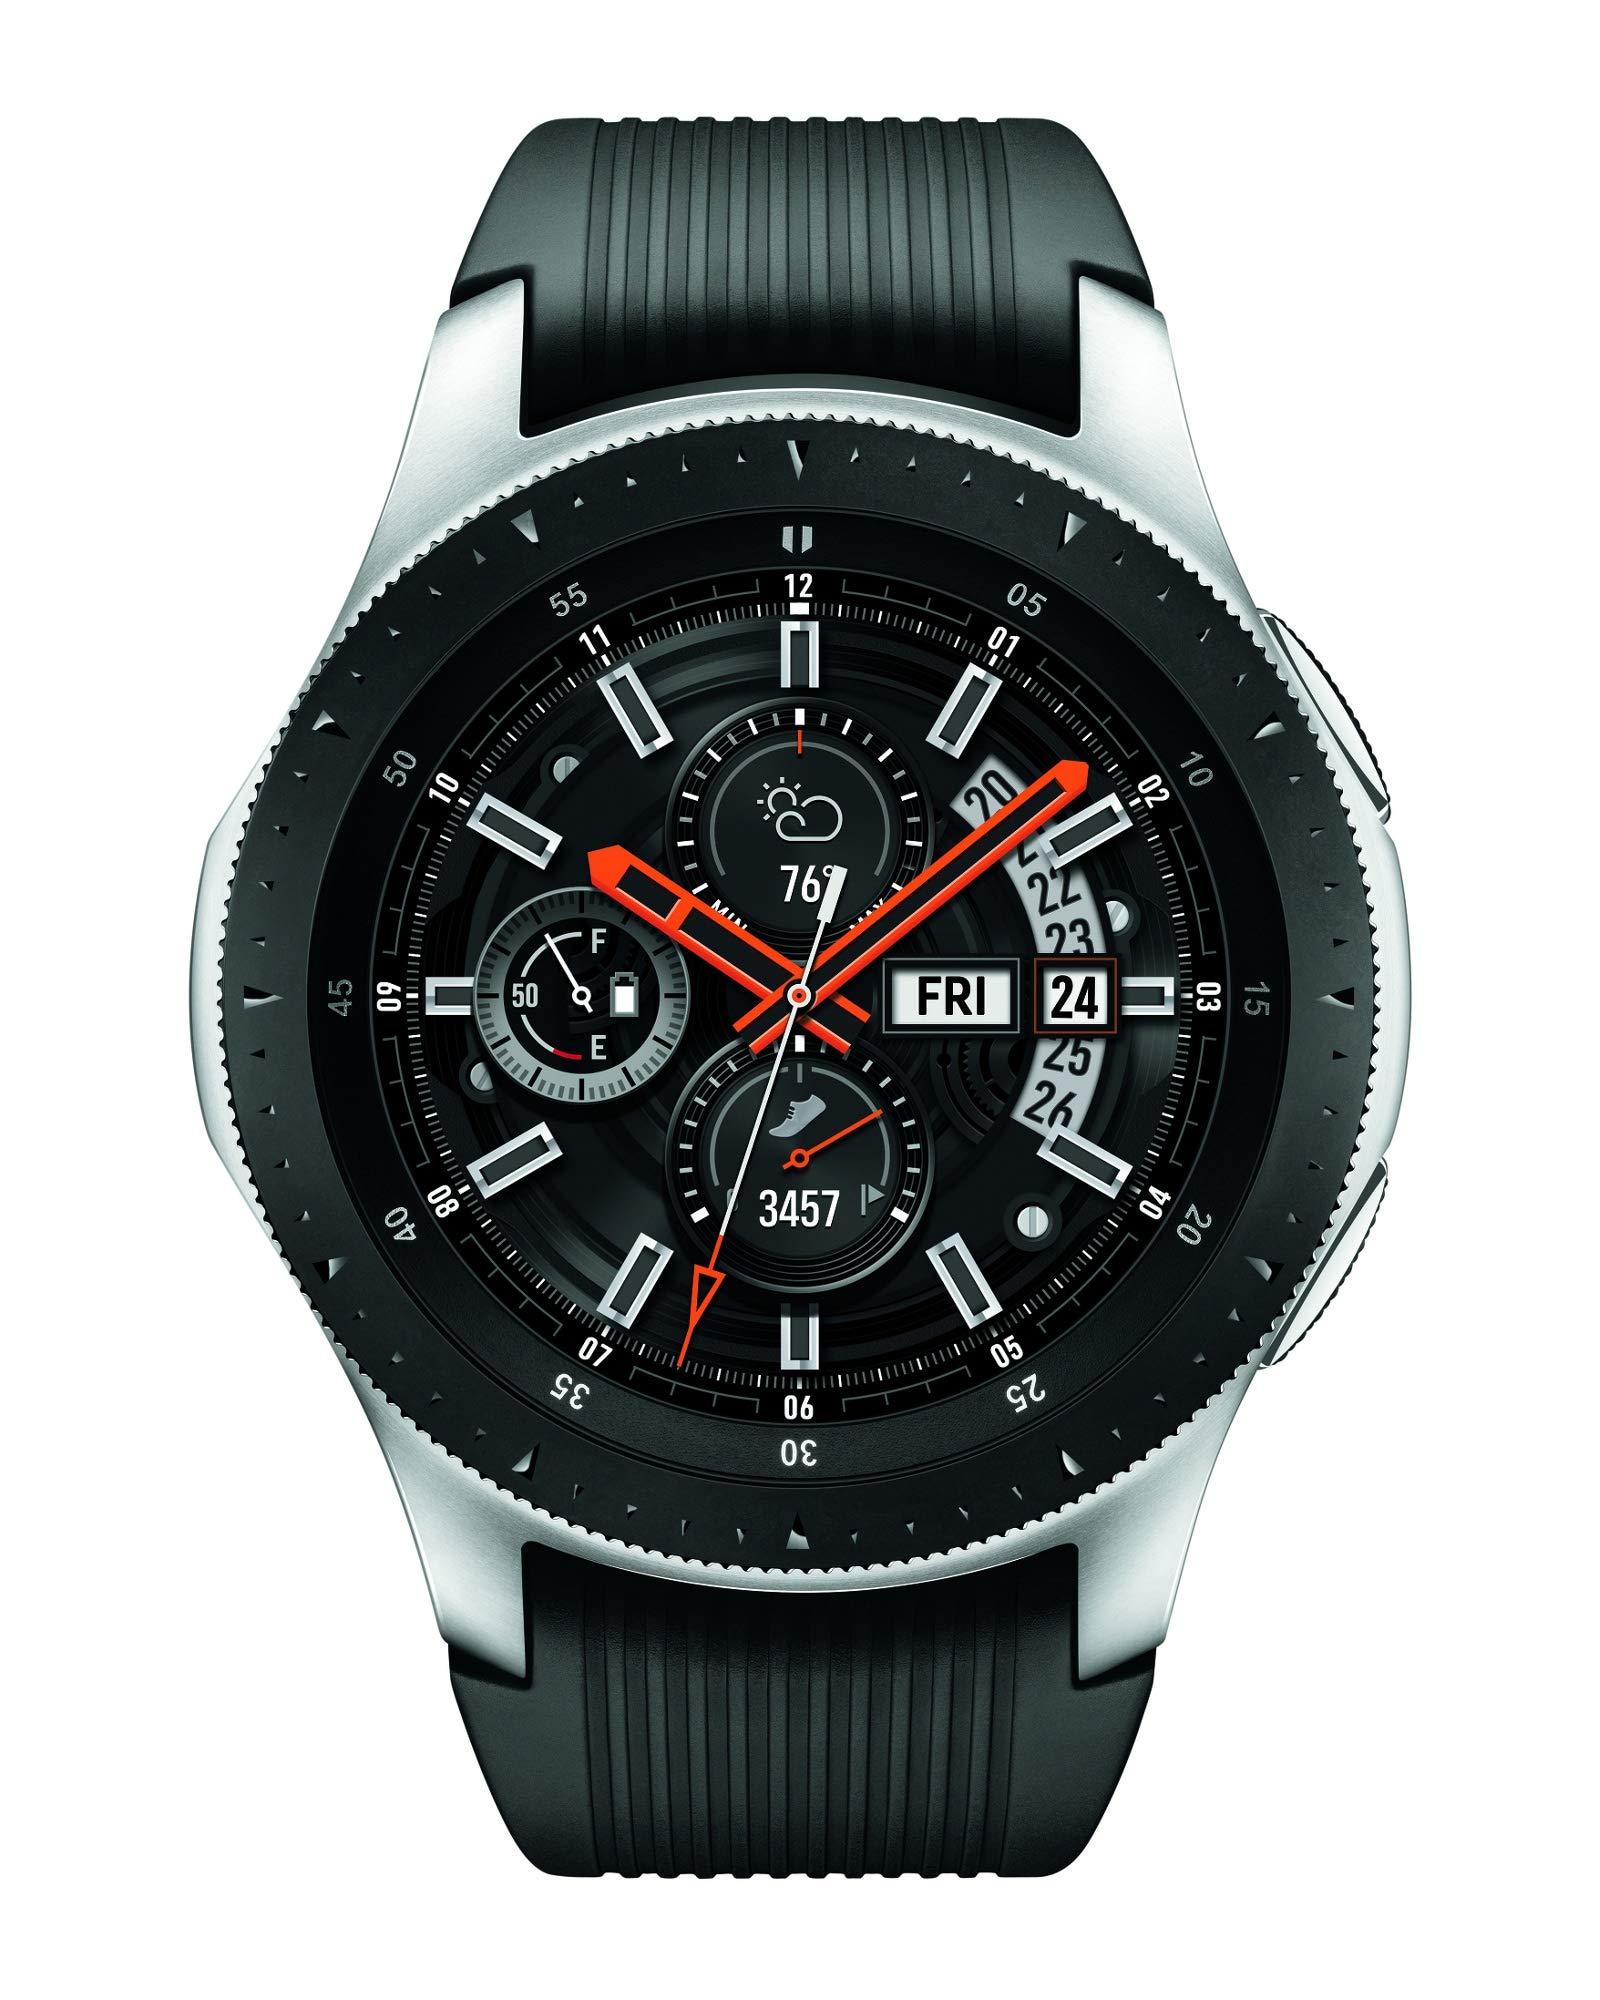 Samsung SM-R805UZSAXAR Galaxy Watch Smartwatch 46mm Stainless Steel LTE GSM (Unlocked), Silver by Samsung